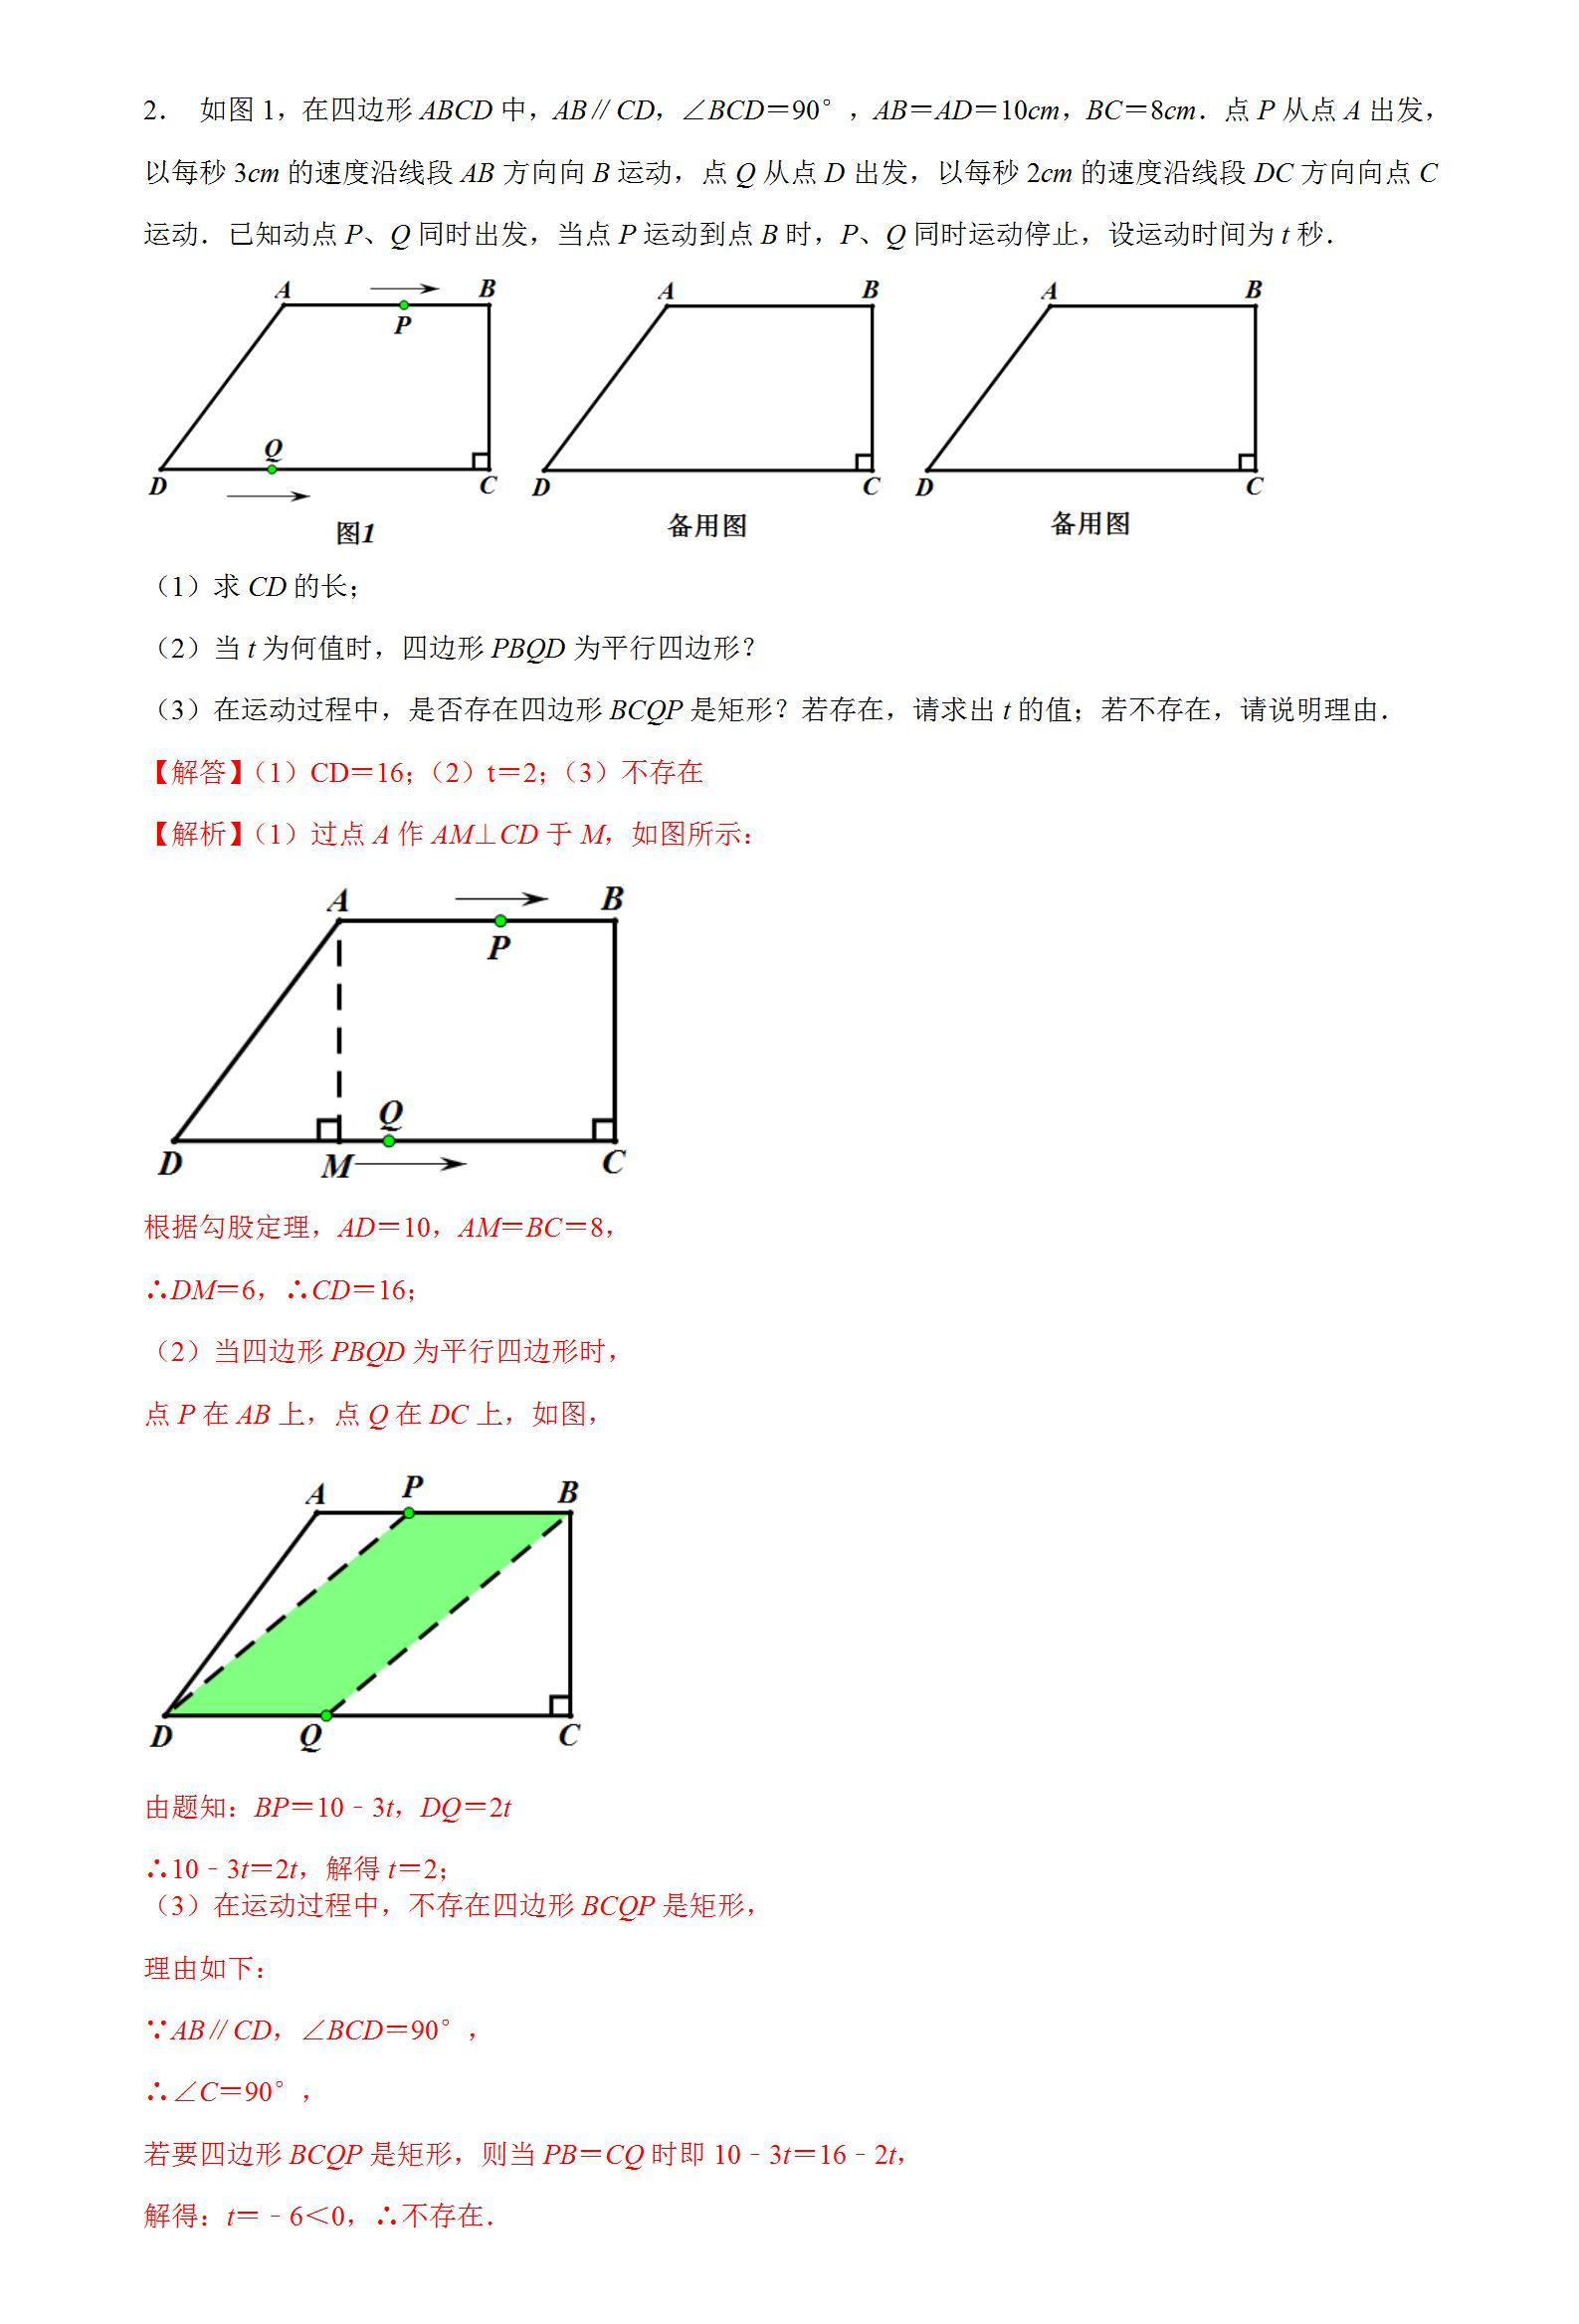 2020年初三数学矩形存在性问题巩固练习(基础)试题及答案(二)